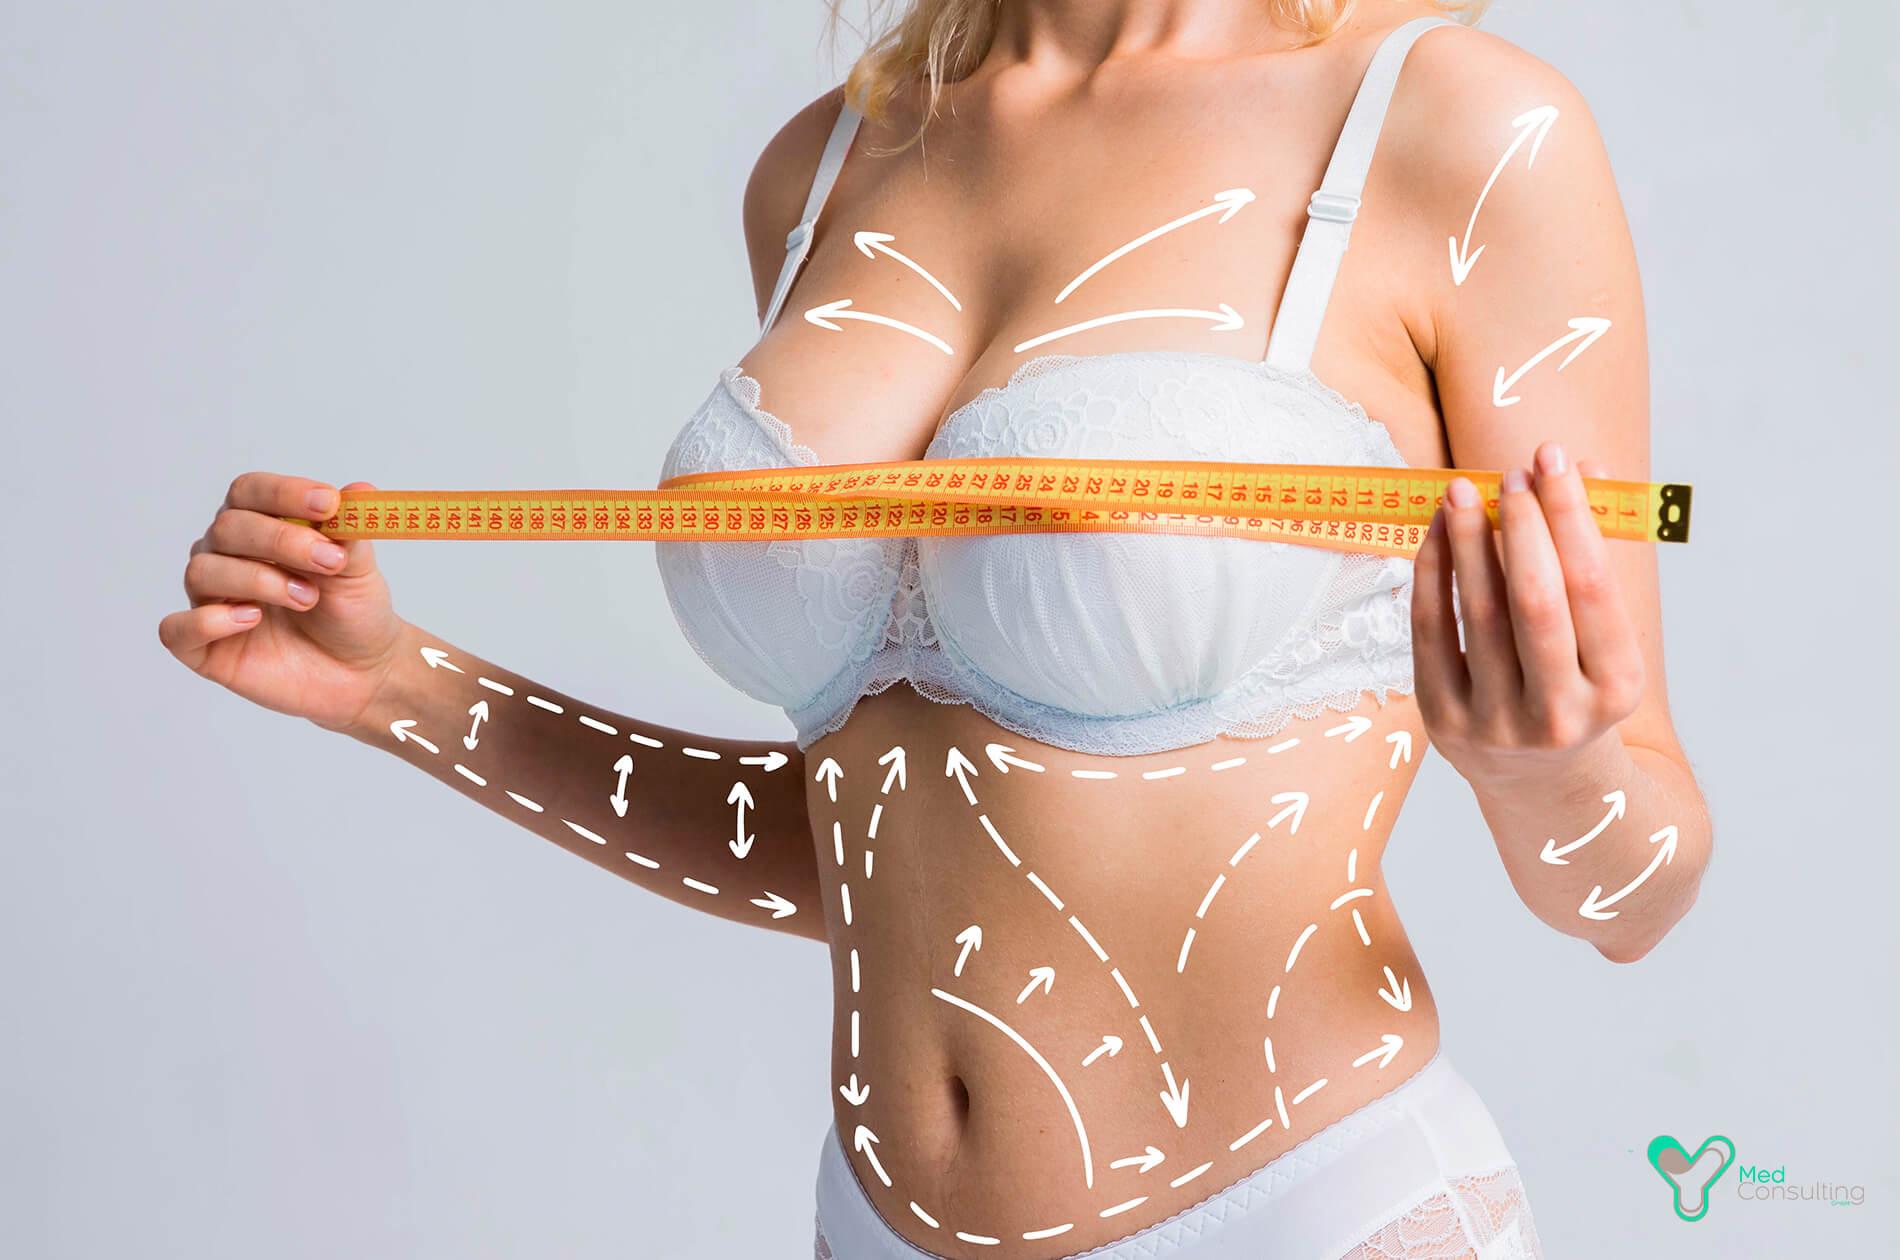 Увеличение груди в Германии